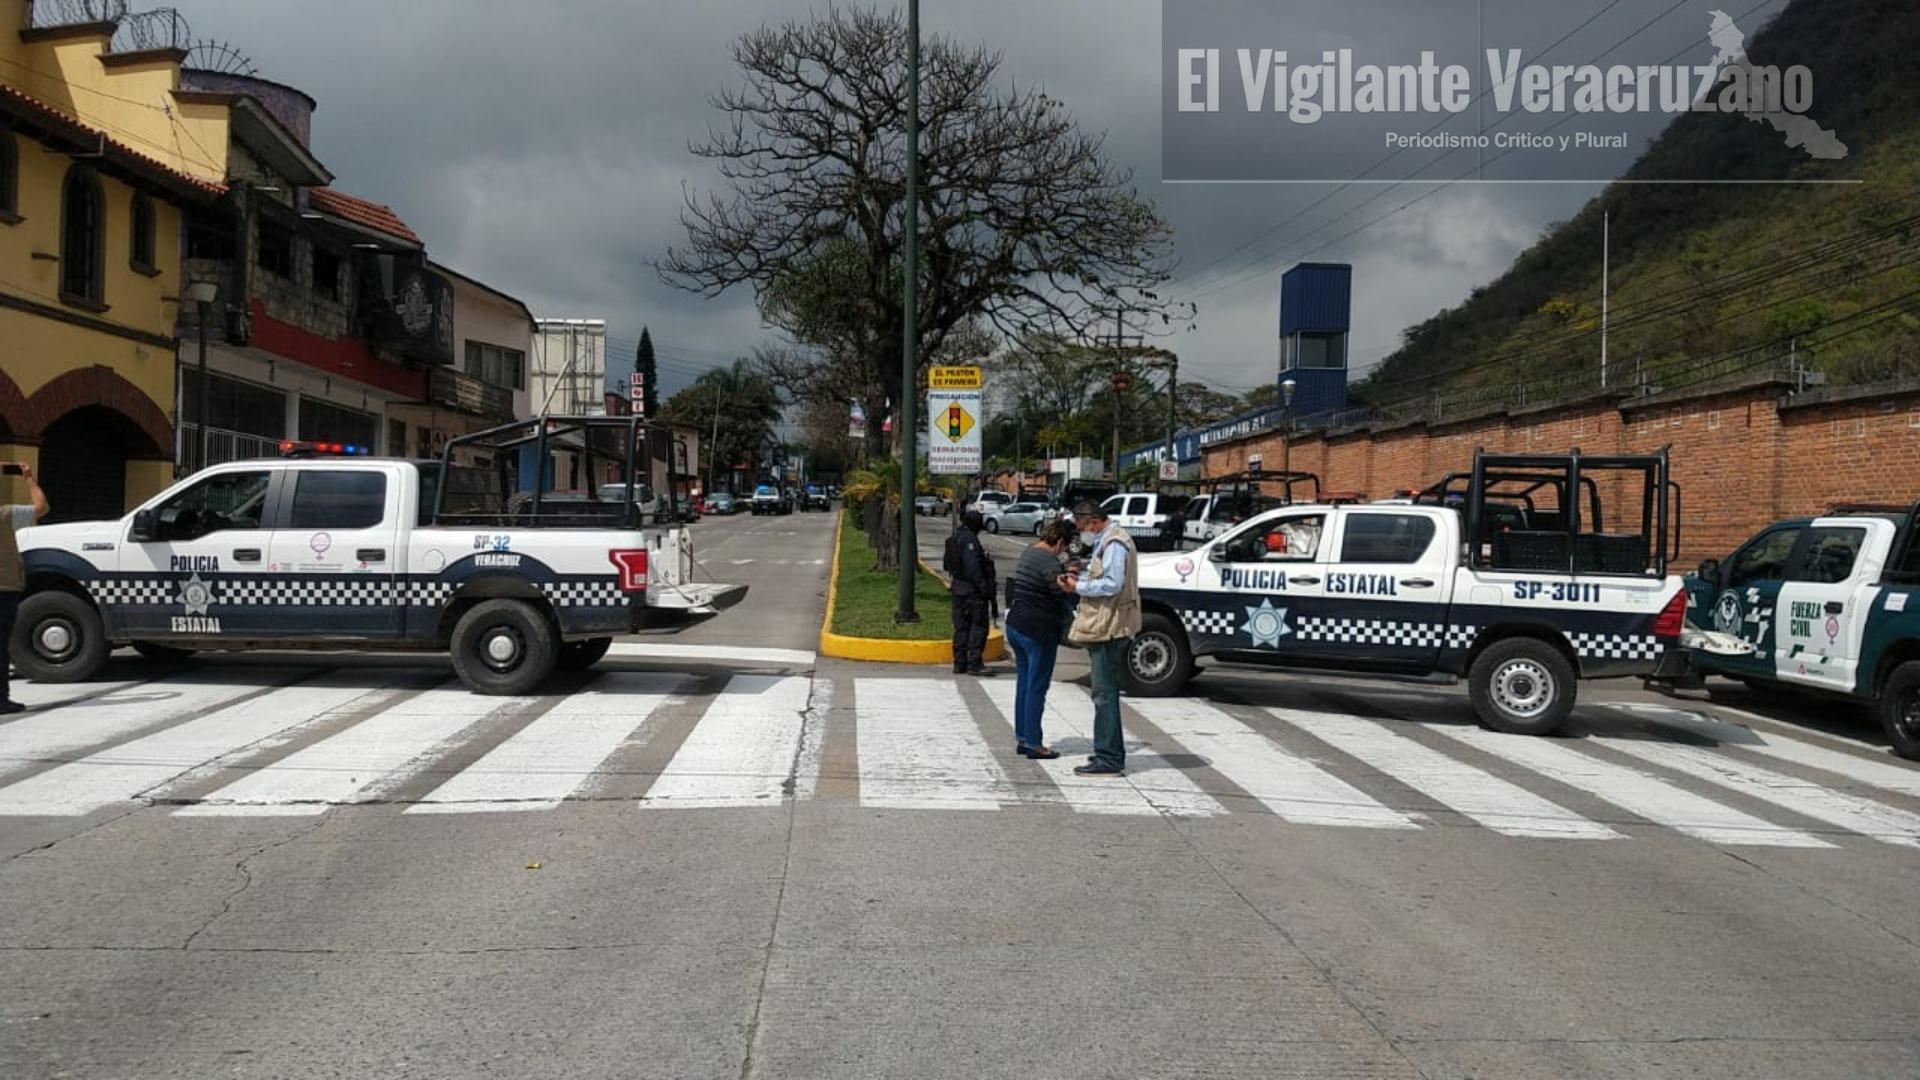 Federales y Estatales realizan operativo para desarmar a la Policía Municipal de Orizaba